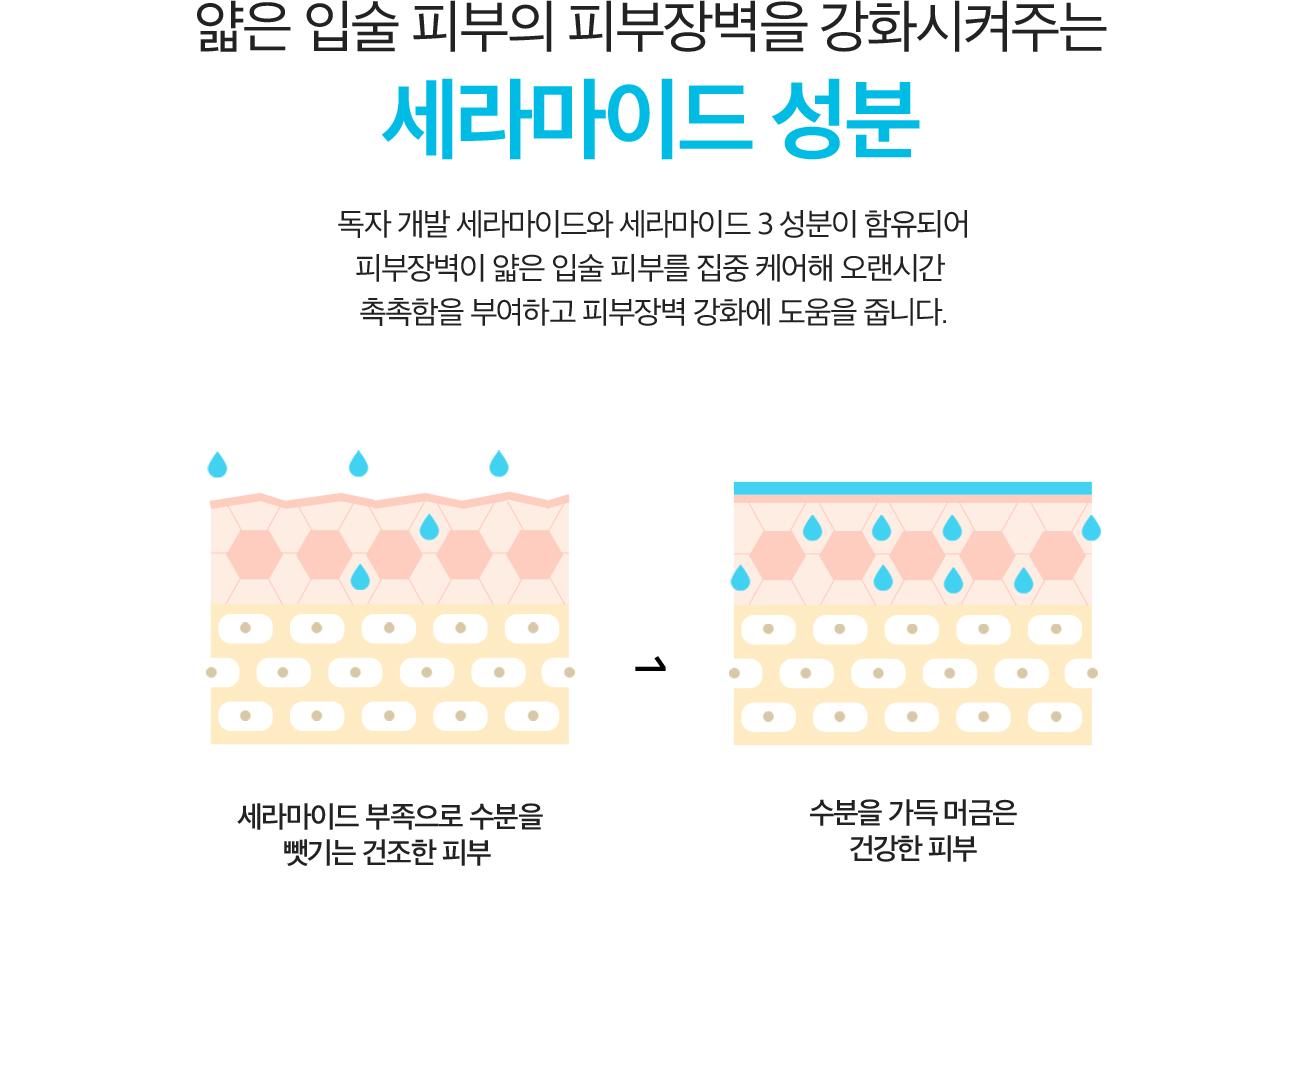 얇은 입술 피부의 피부장벽을 강화시켜주는 세라마이드 성분. 독자 개발 세라마이드와 세라마이드 3 성분이 함유되어 피부장벽이 얇은 입술 피부를 집중 케어해 오랜시간 촉촉함을 부여하고 피부장벽 강화에 도움을 줍니다. 세라마이드 부족으로 수분을 뺏기는 건조한 피부 -> 수분을 가득 머금은 건강한 피부